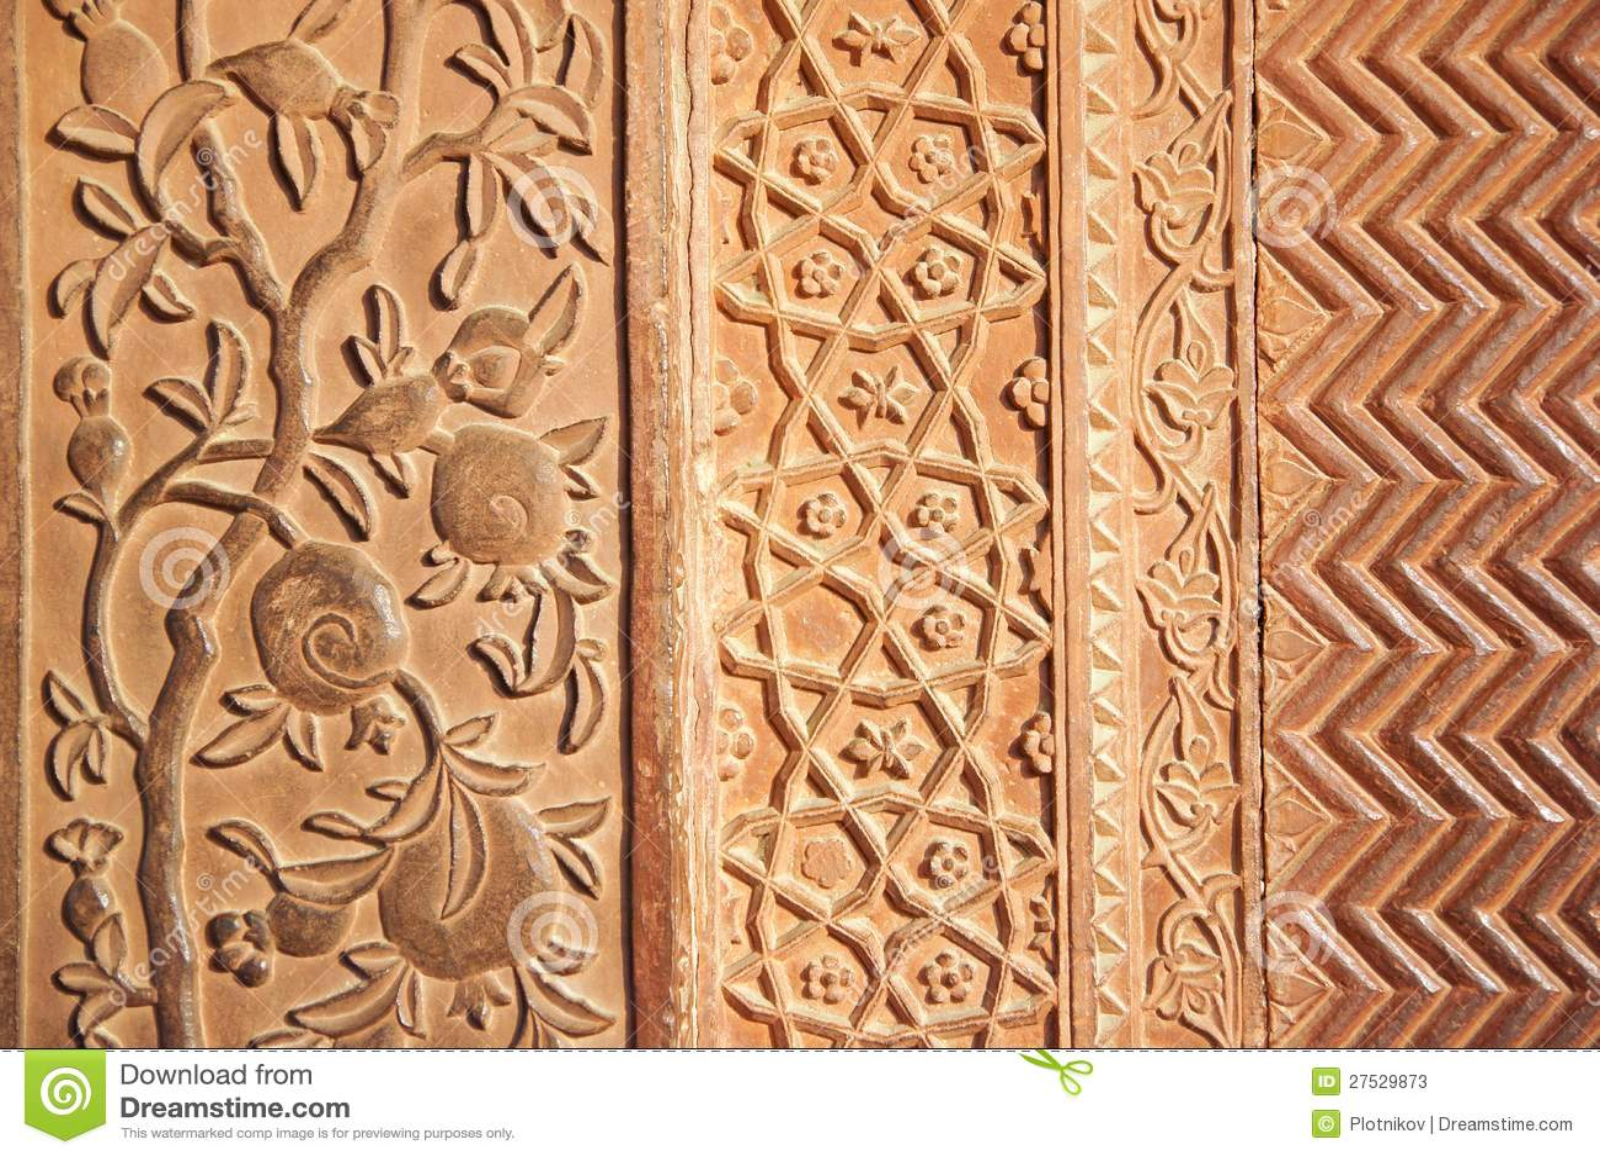 Detalhes de superfície lustrada do sandstone.